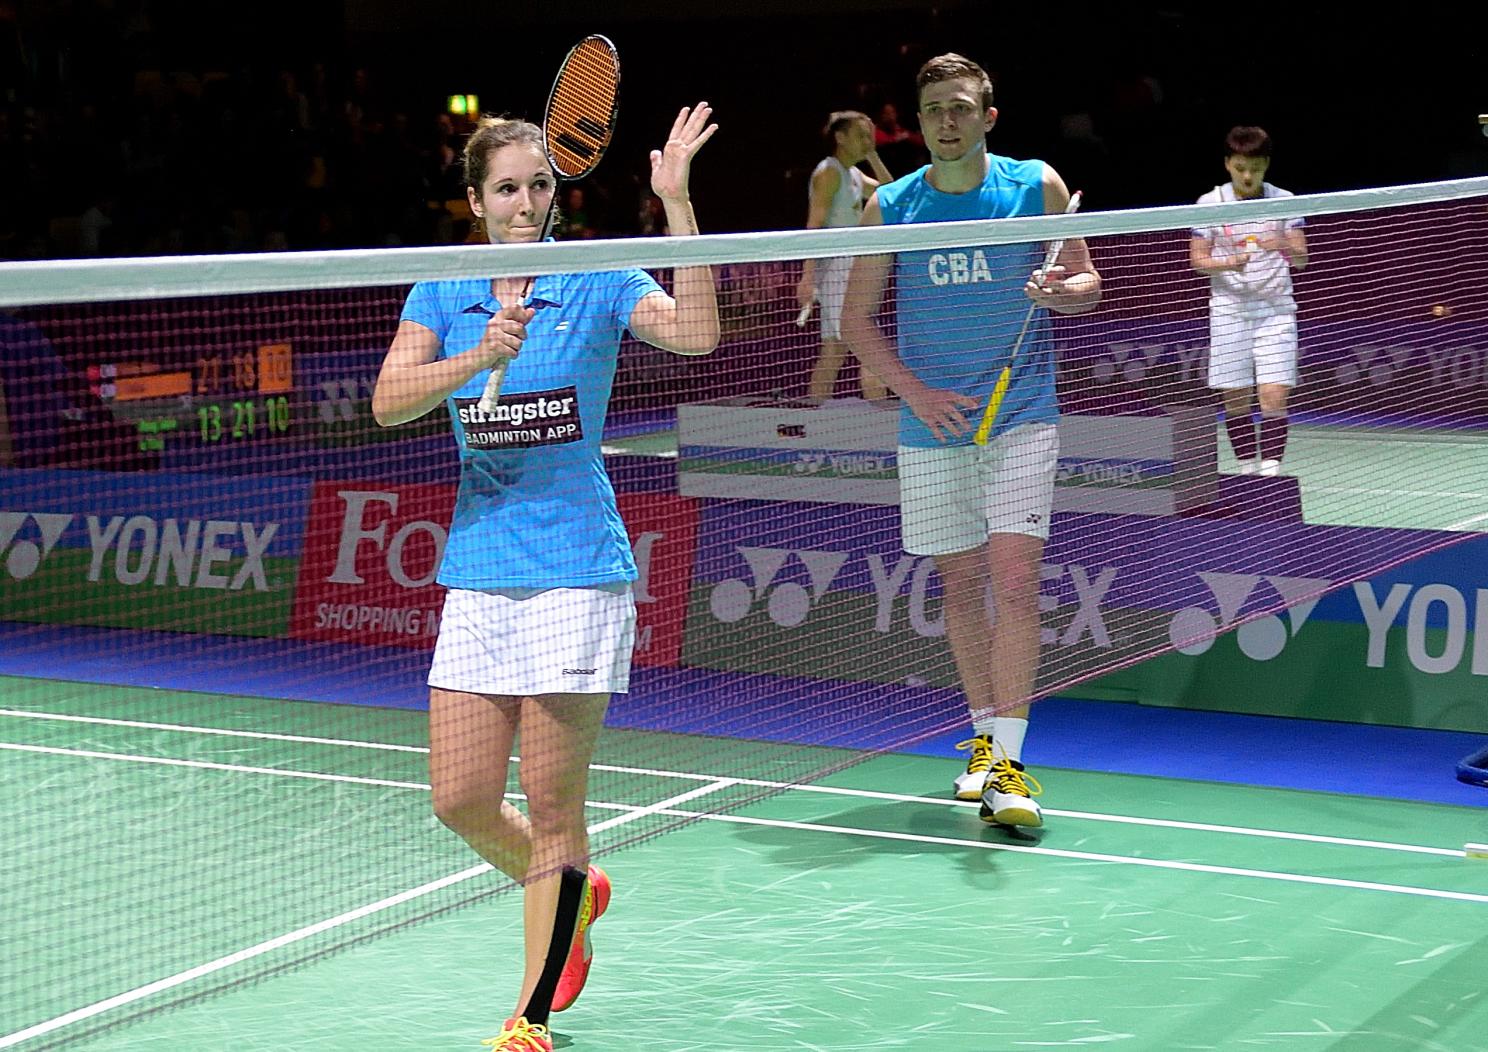 Carla Nelte und Raphael Beck mussten sich im Viertelfinale den Engländern Chris und Gabrielle Adcock geschlagen geben